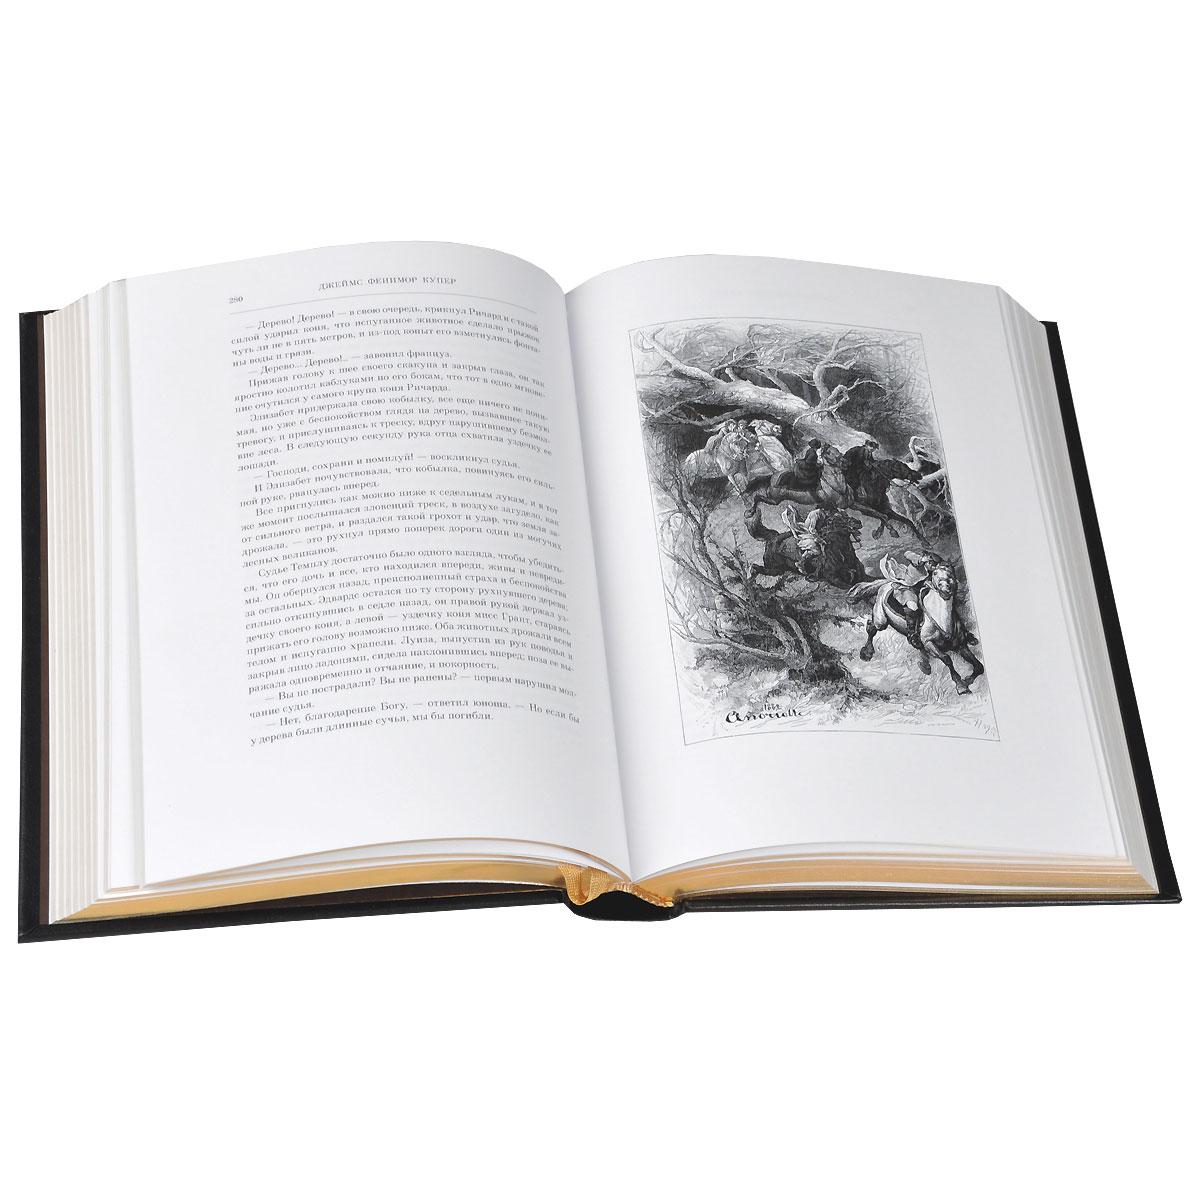 Пионеры, или У истоков Саскуиханны. Номерованный экземпляр № 24 (подарочное издание)